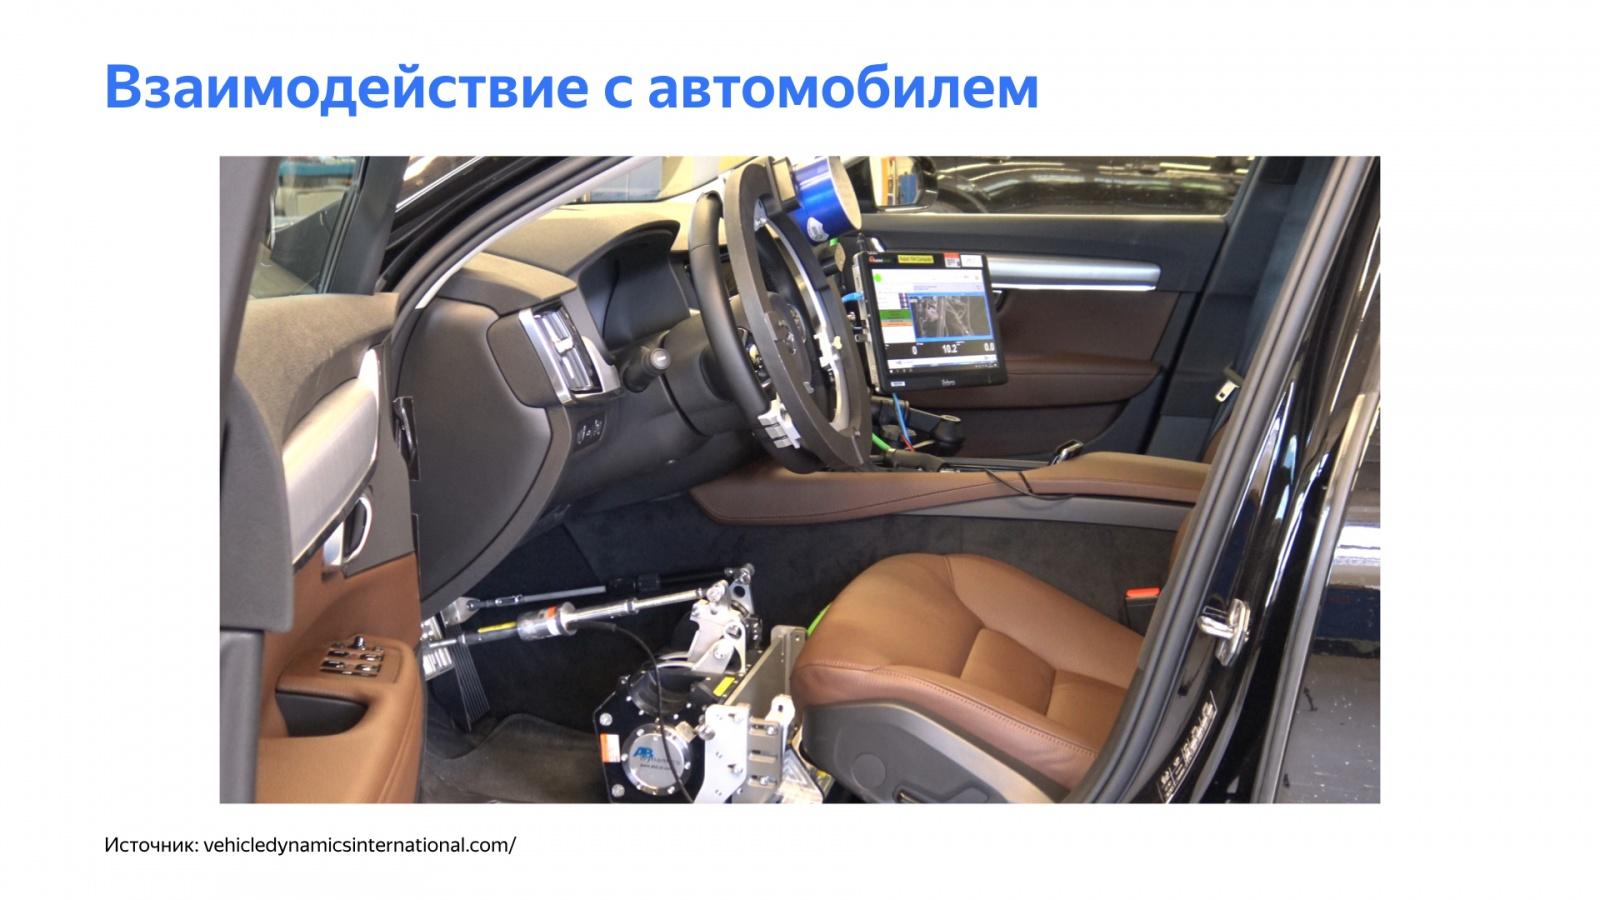 Беспилотный автомобиль: оживляем алгоритмы. Доклад Яндекса - 3